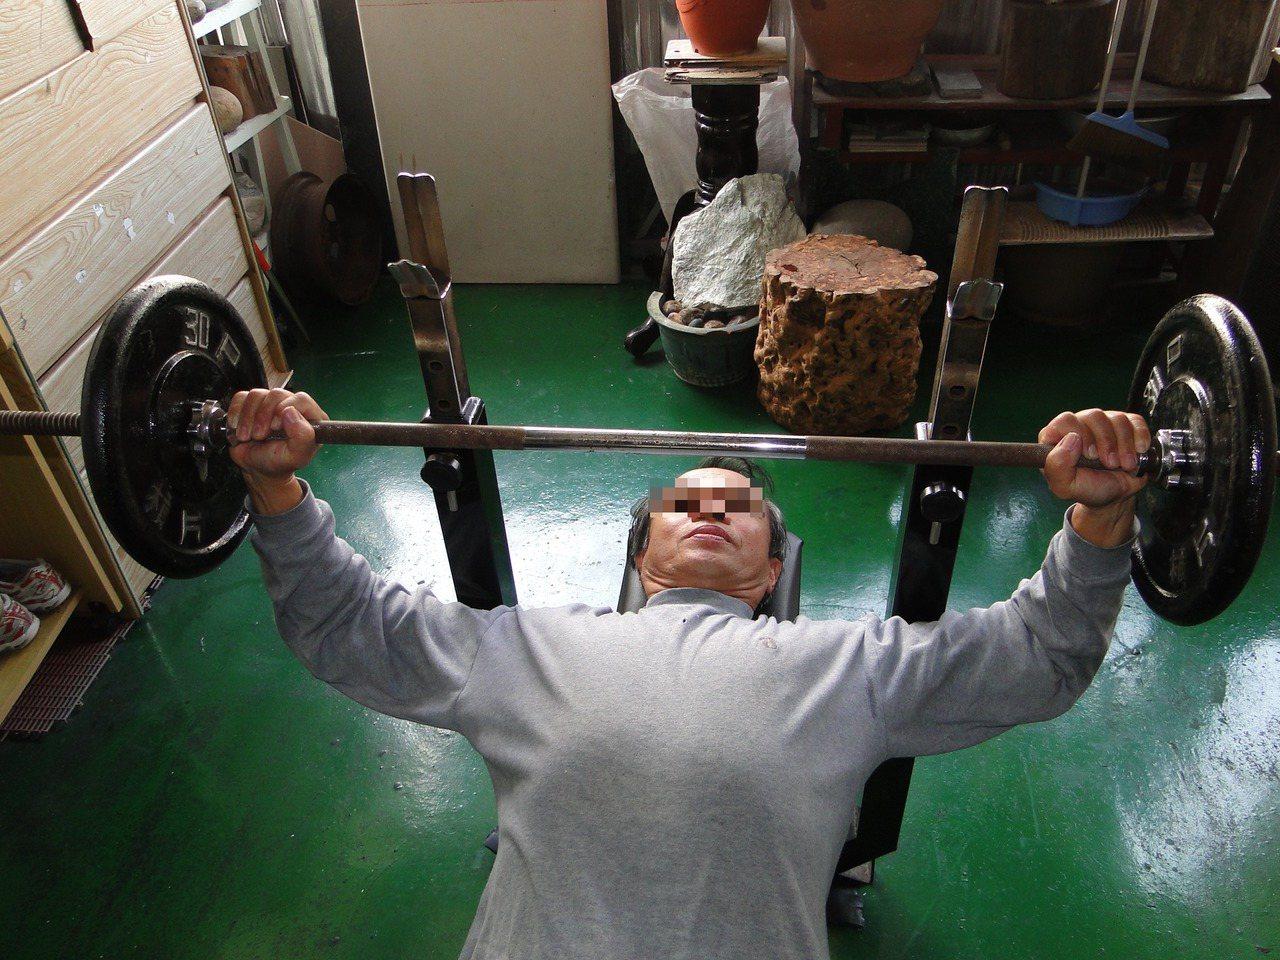 運動過度或重訓後覺得身體不適或暈眩的情形,可能是努責現象導致。圖為示意圖,非新聞...